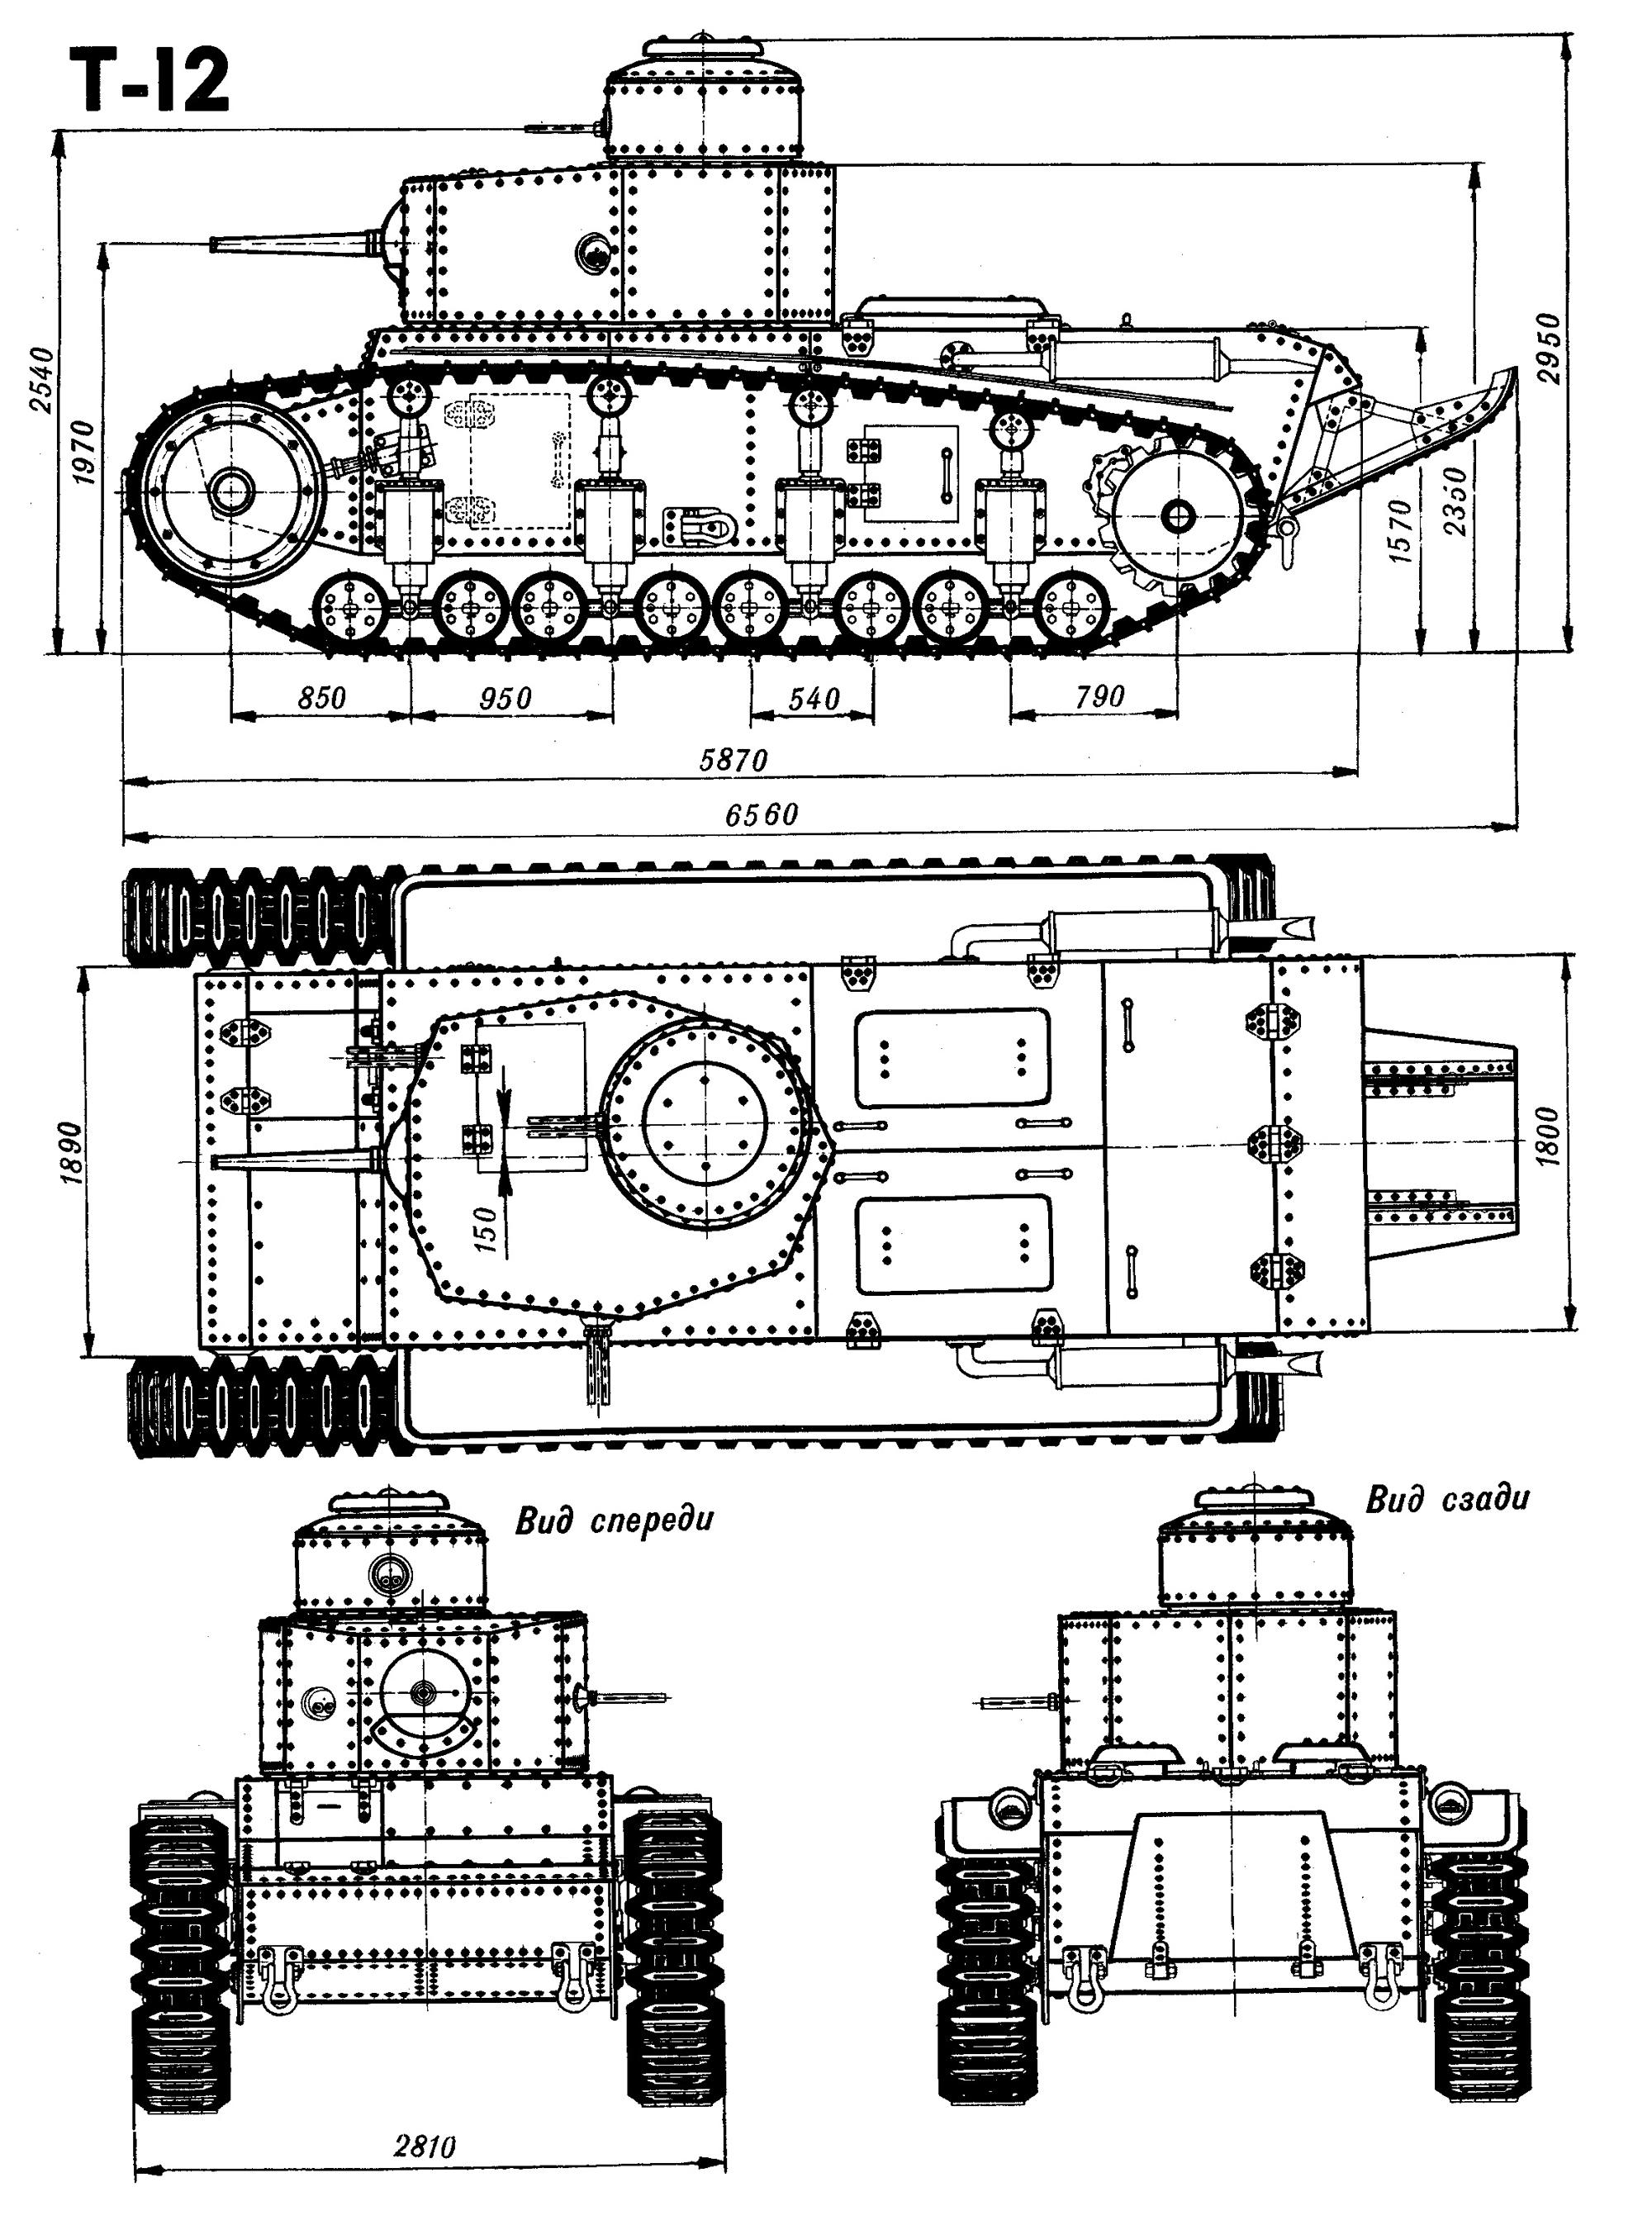 Танк Т-12, чертёж танка